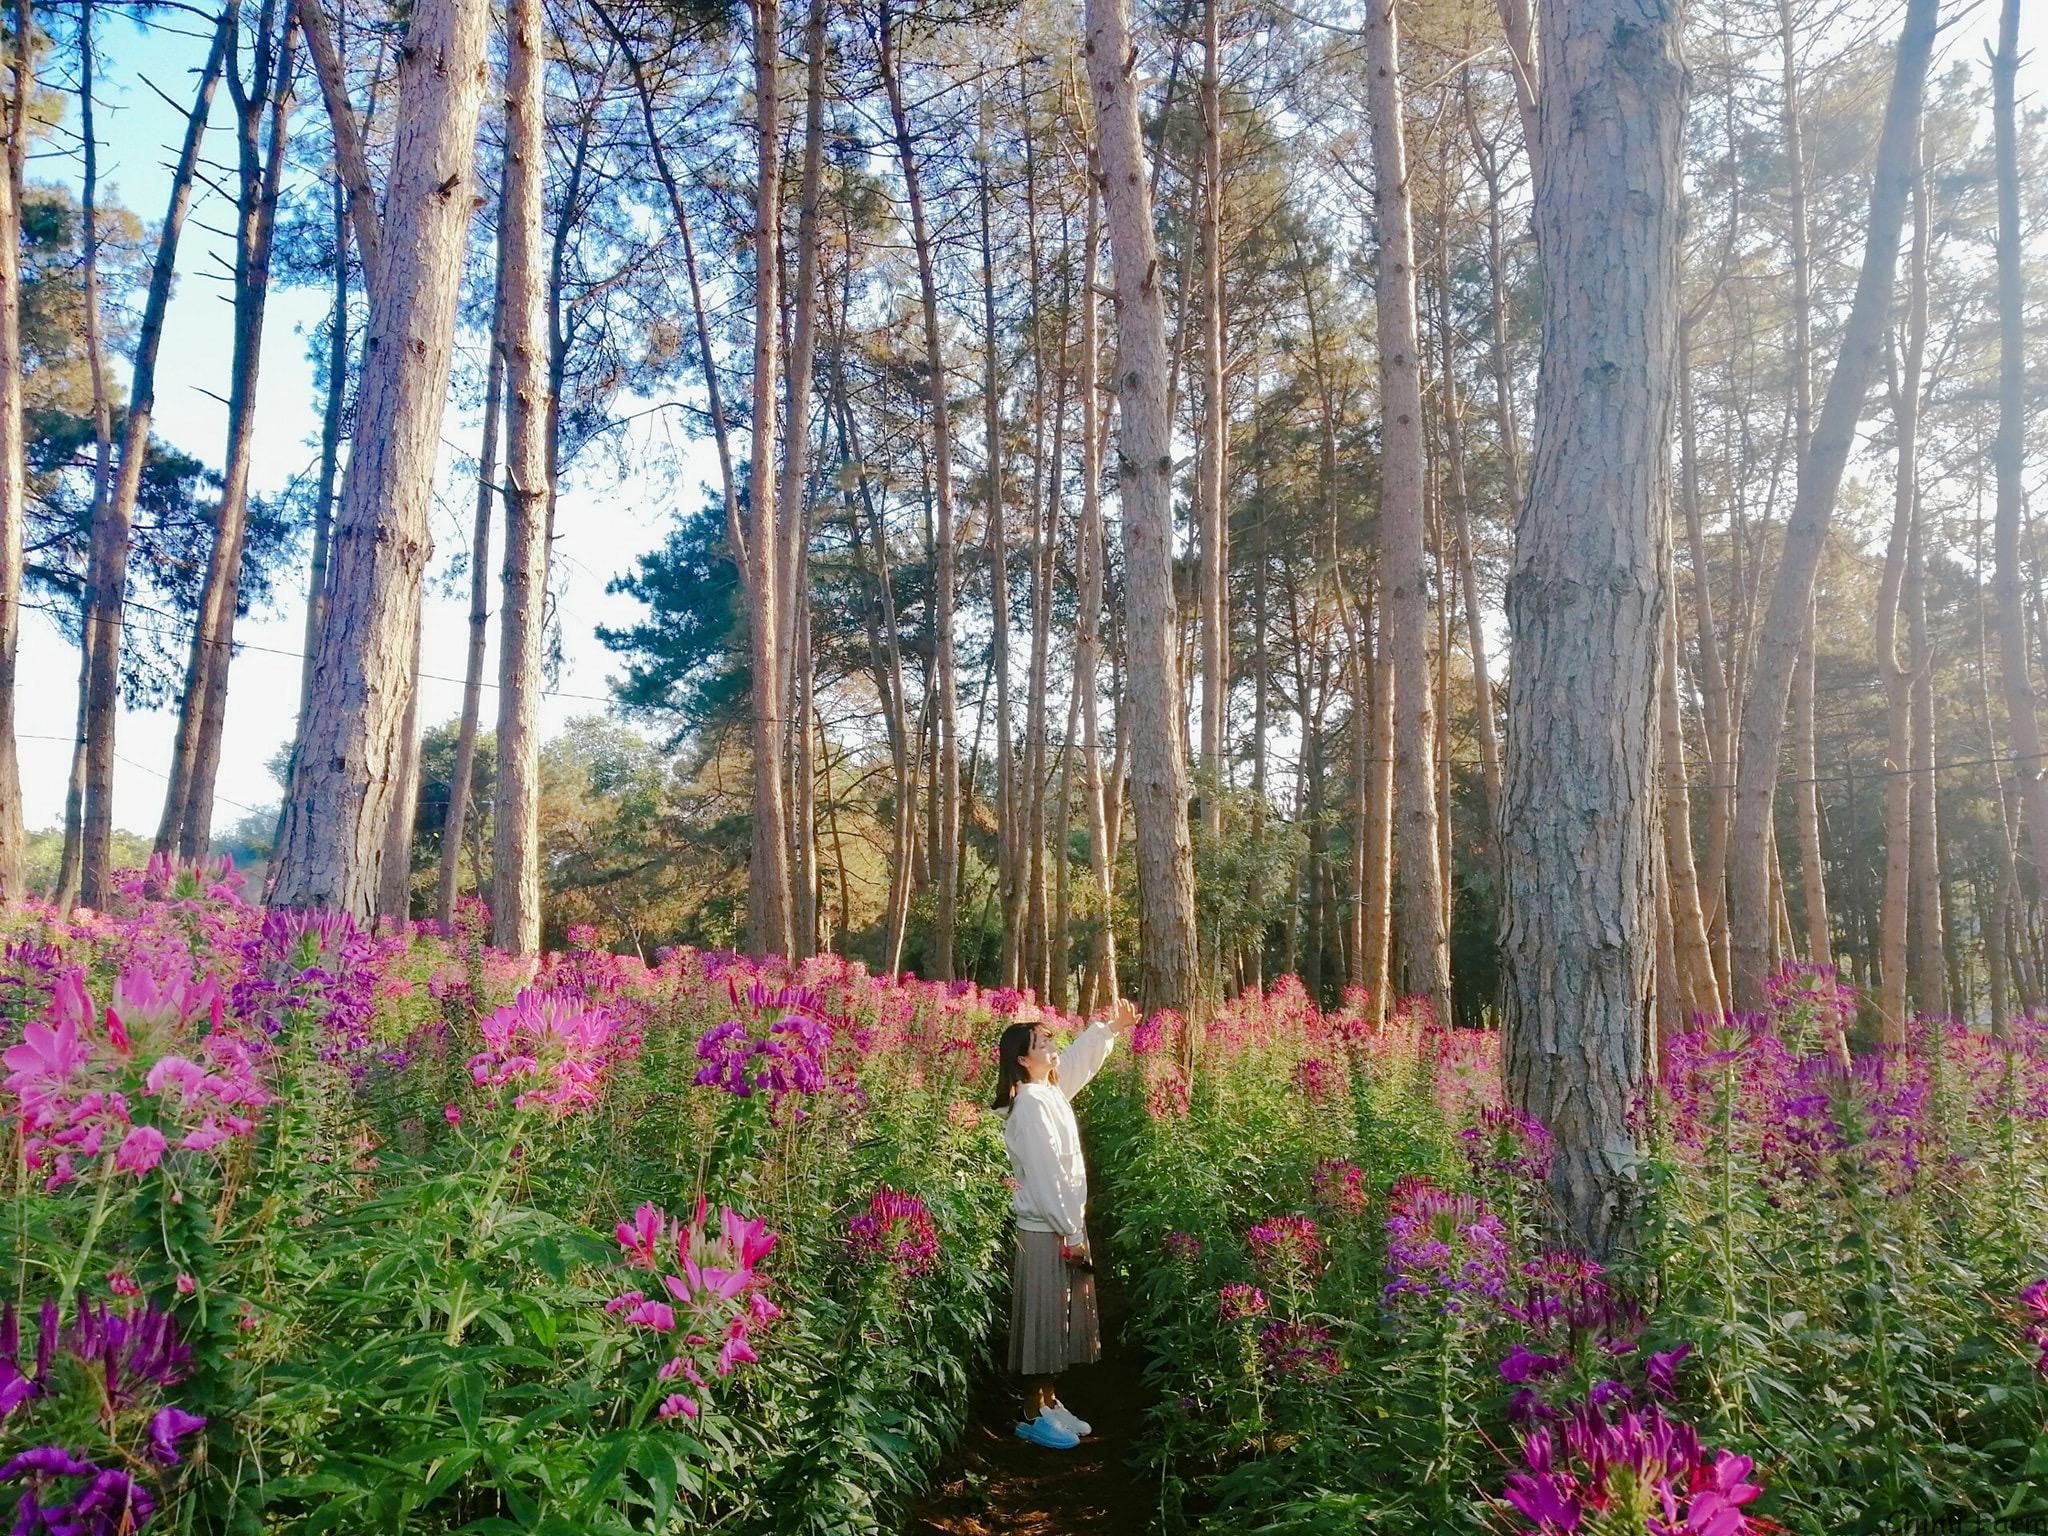 Vườn hoa cẩm tú cầu của Chimi Farm là điểm check-in thu hút du khách